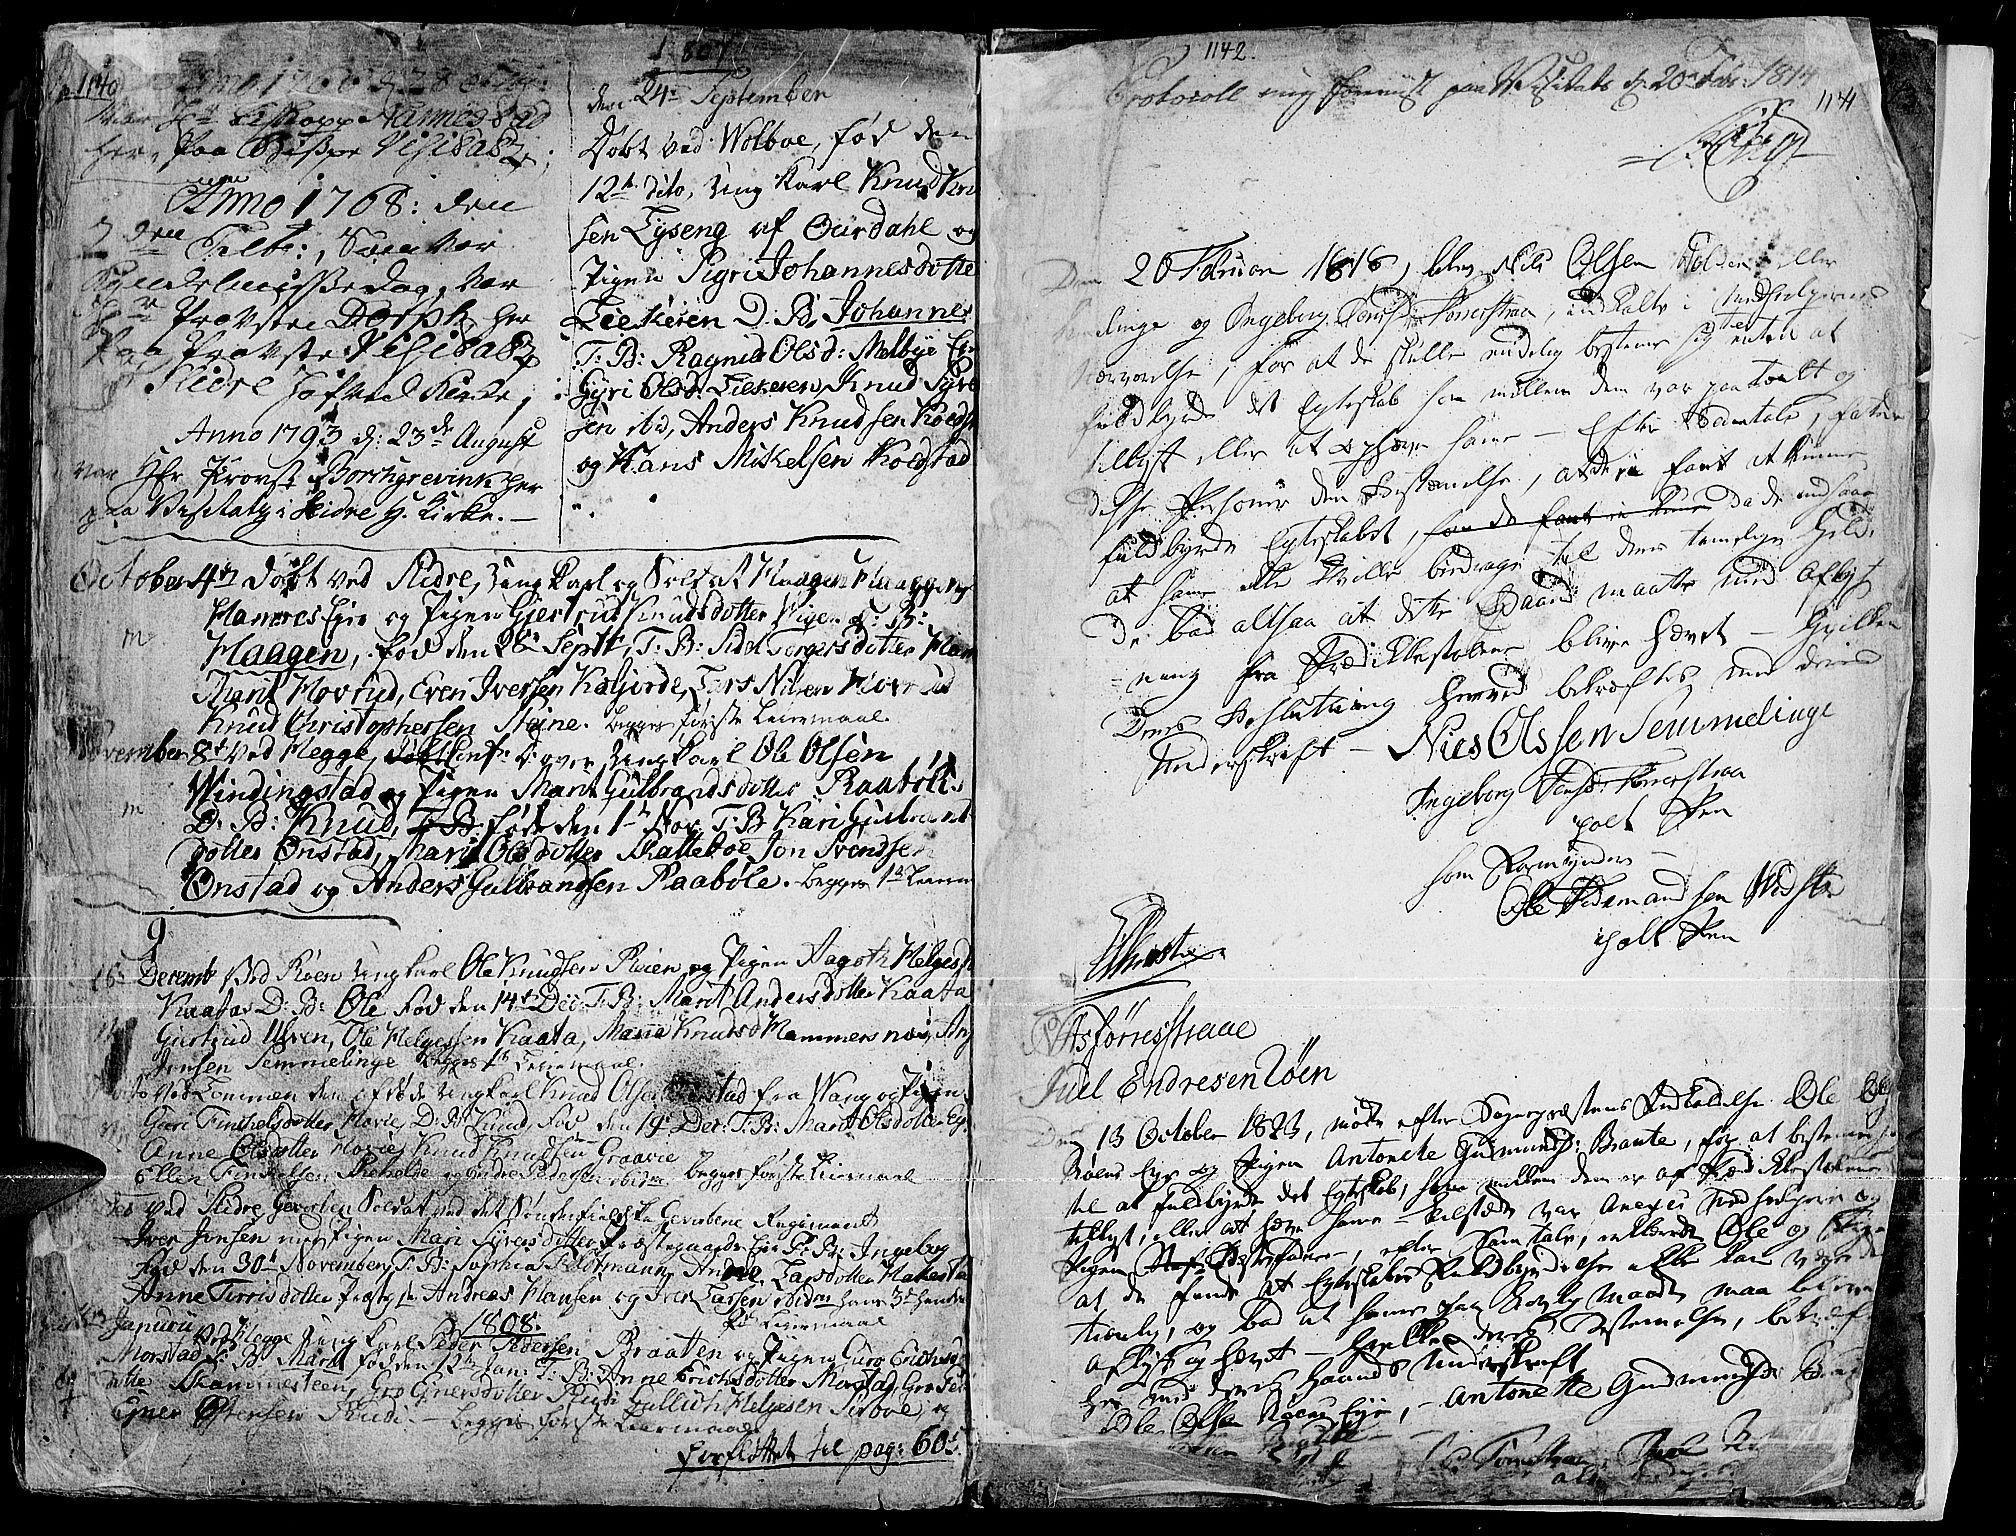 SAH, Slidre prestekontor, Ministerialbok nr. 1, 1724-1814, s. 1140-1141